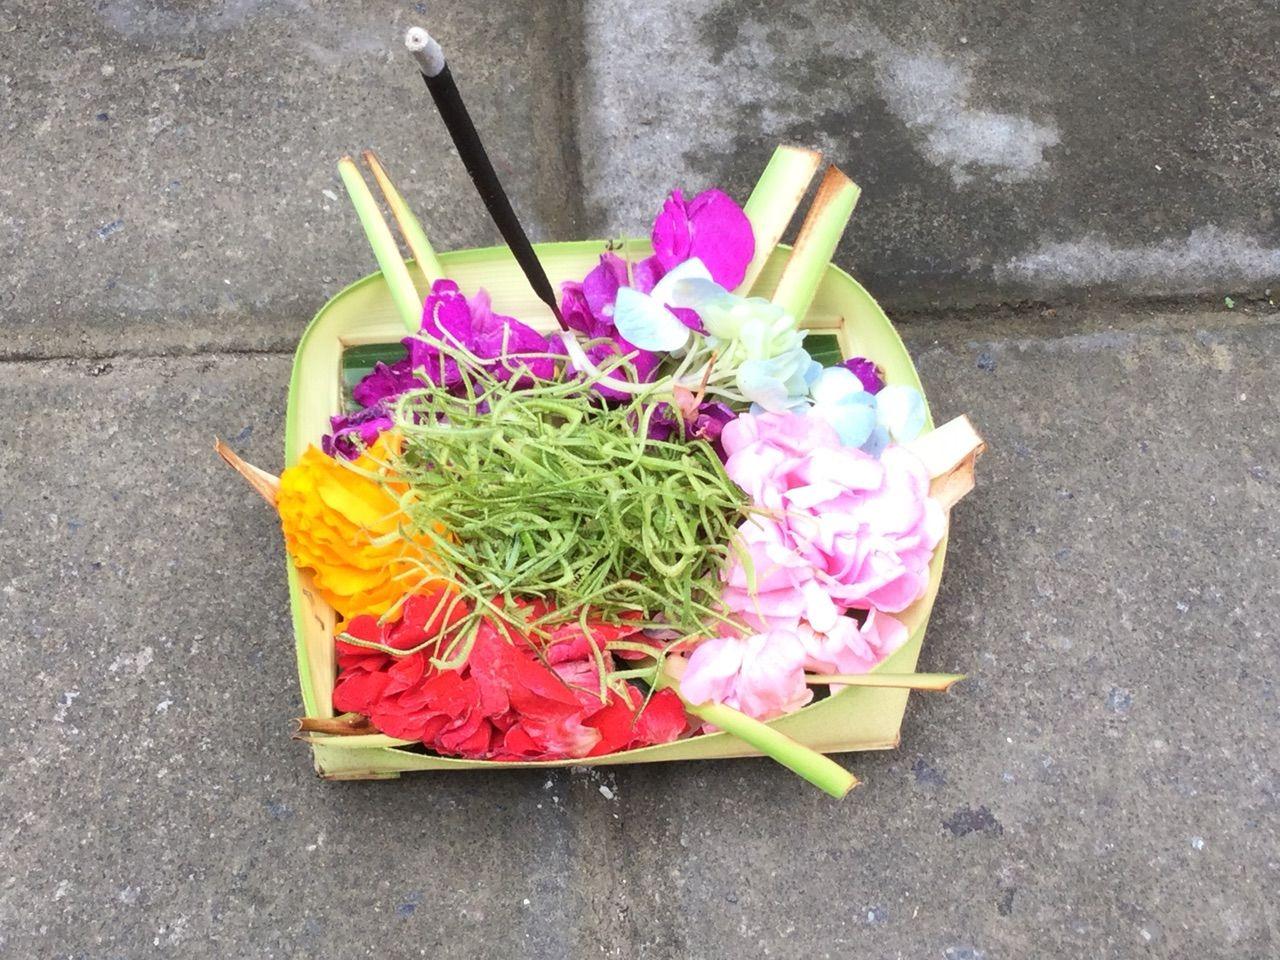 http://livedoor.blogimg.jp/hana8778hana/imgs/a/3/a3b8e77f.jpg